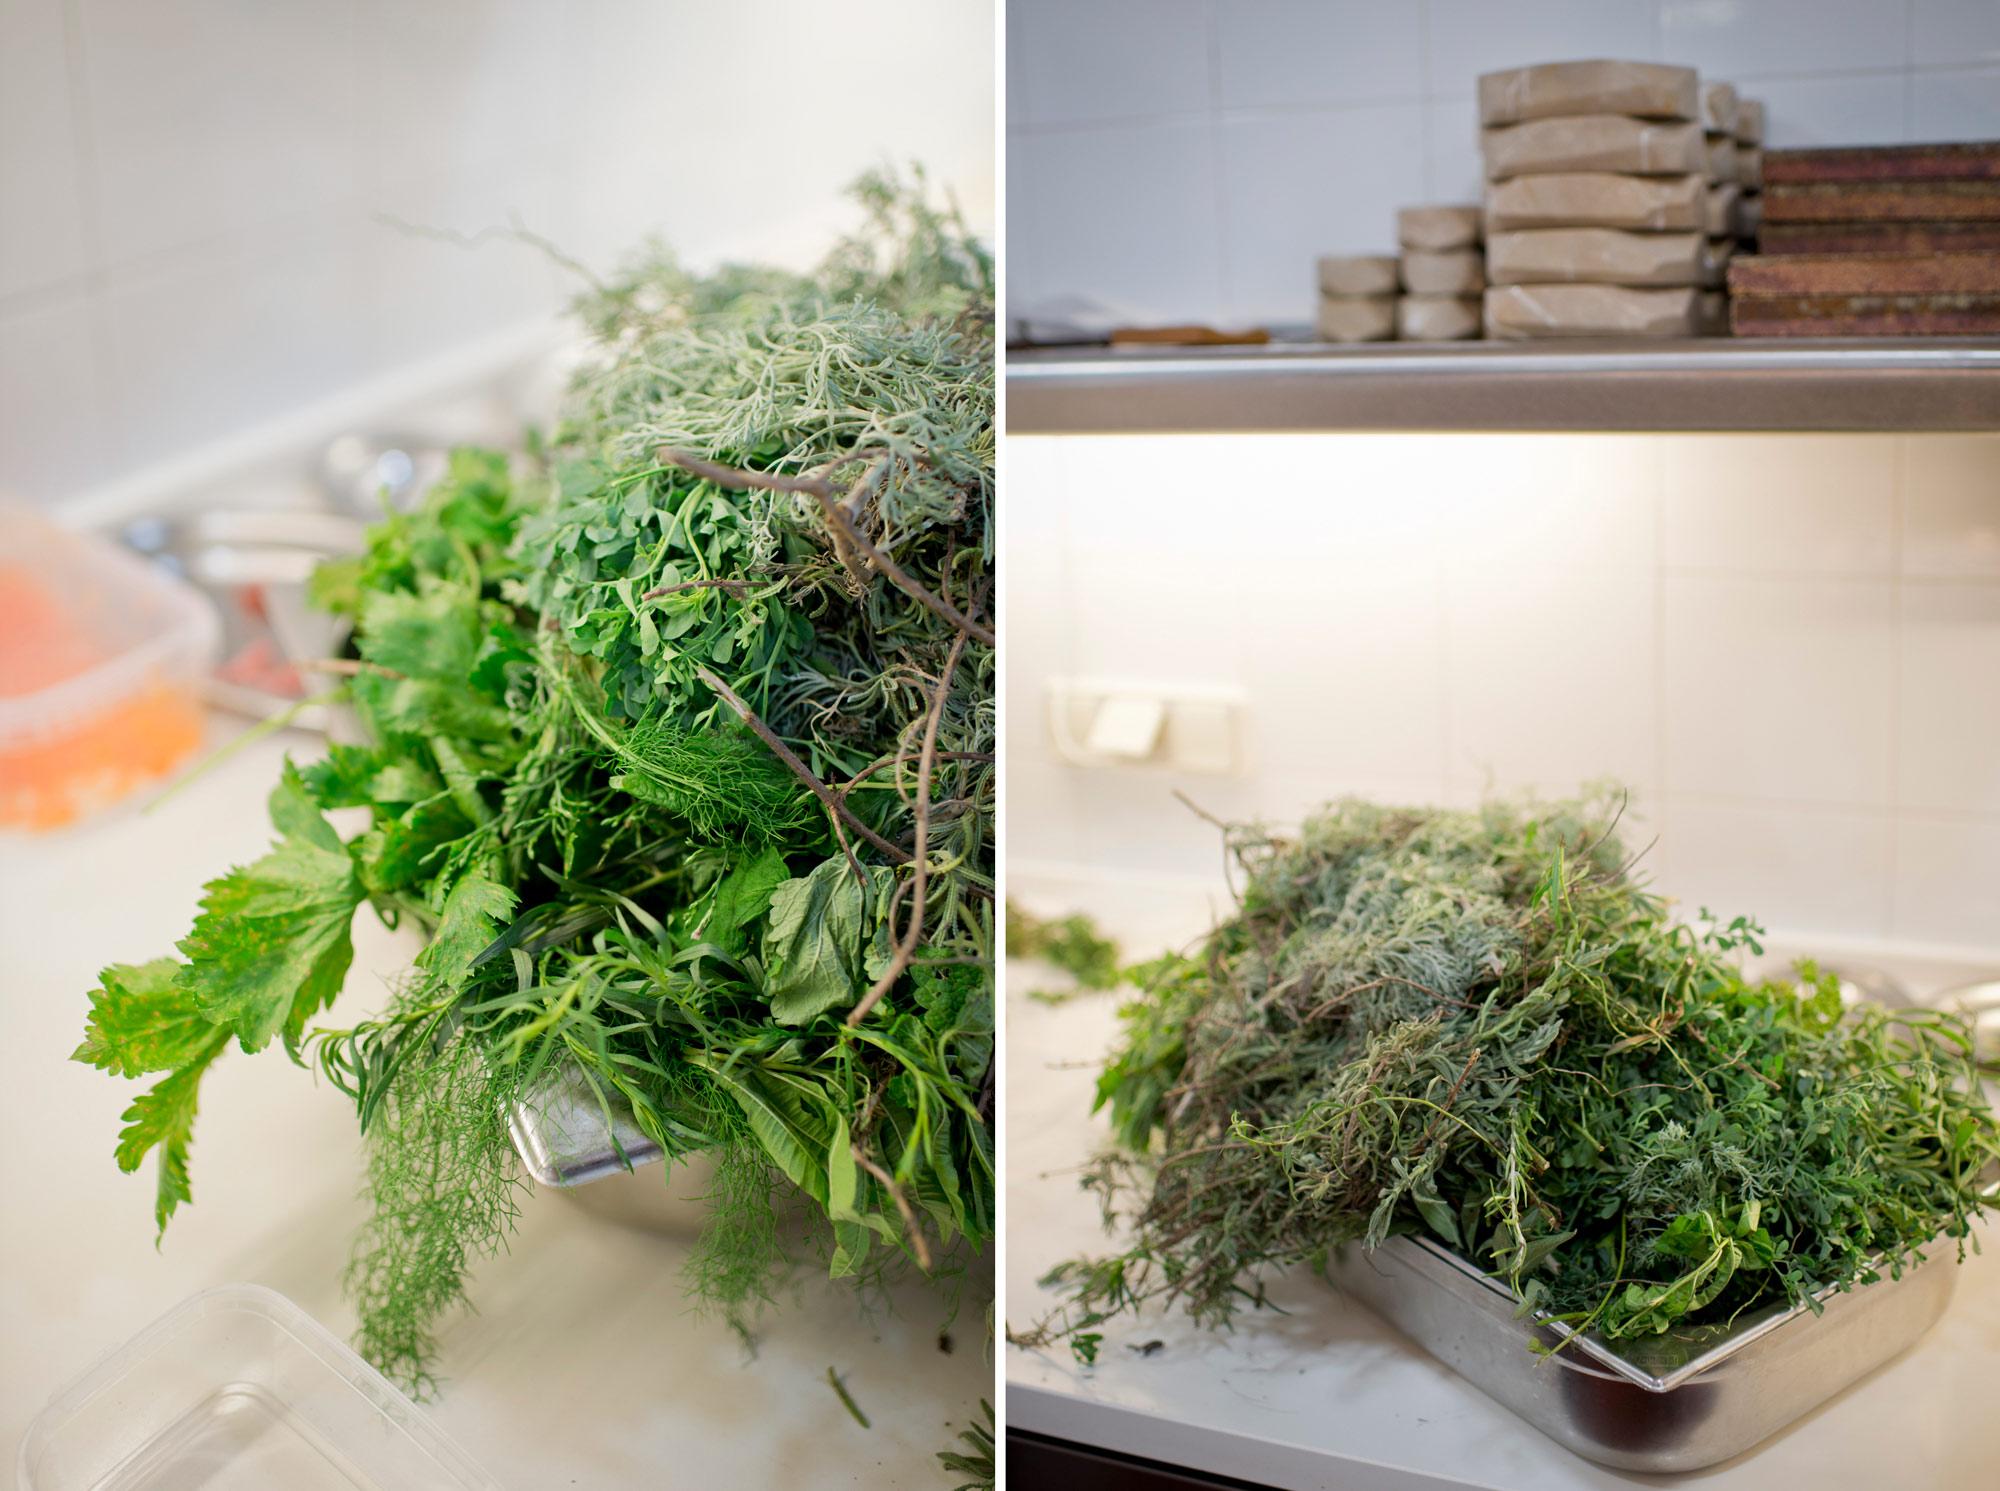 Ruda, artemisa, hierbaluisa, melisa, hinojo… las hierbas recién cortadas del huerto.